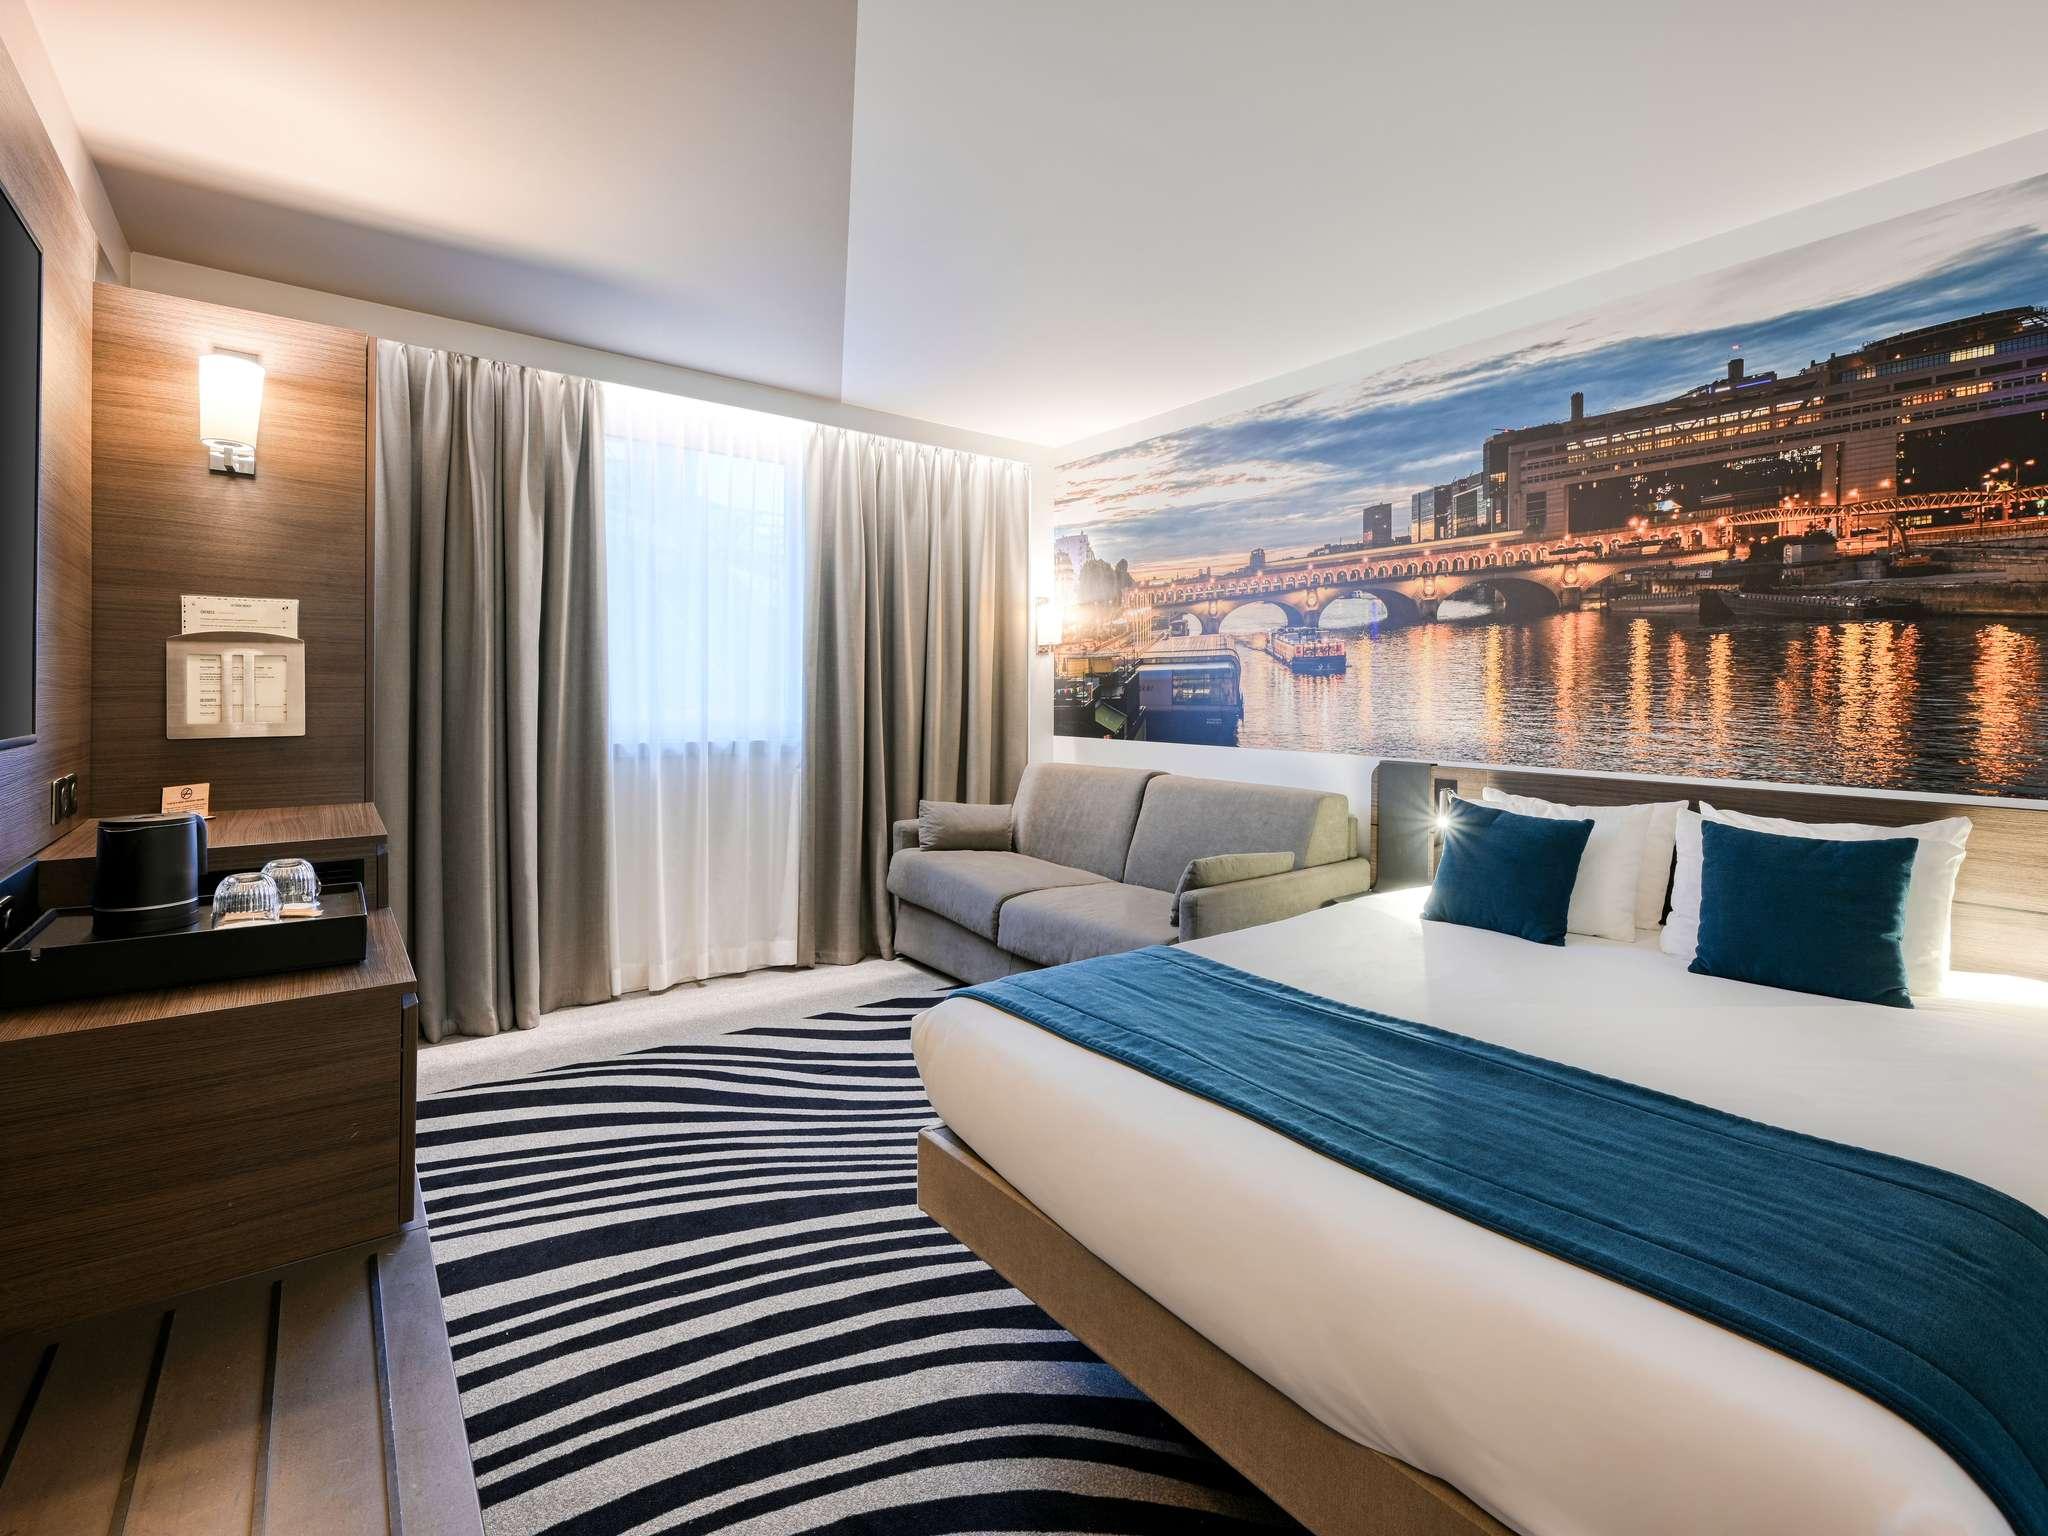 โรงแรม – โนโวเทล ปารีส เซ็นเตอร์ แบร์ซี